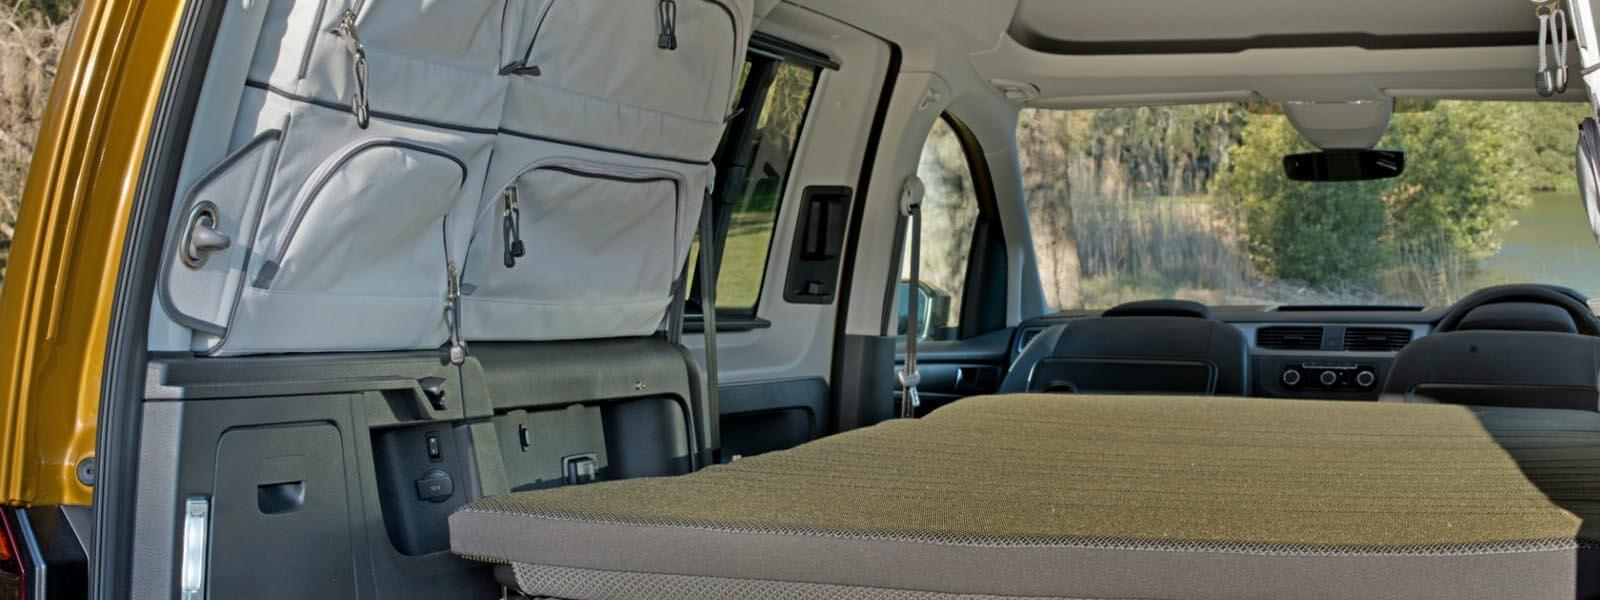 New Volkswagen Caddy for sale - Gold Coast Volkswagen